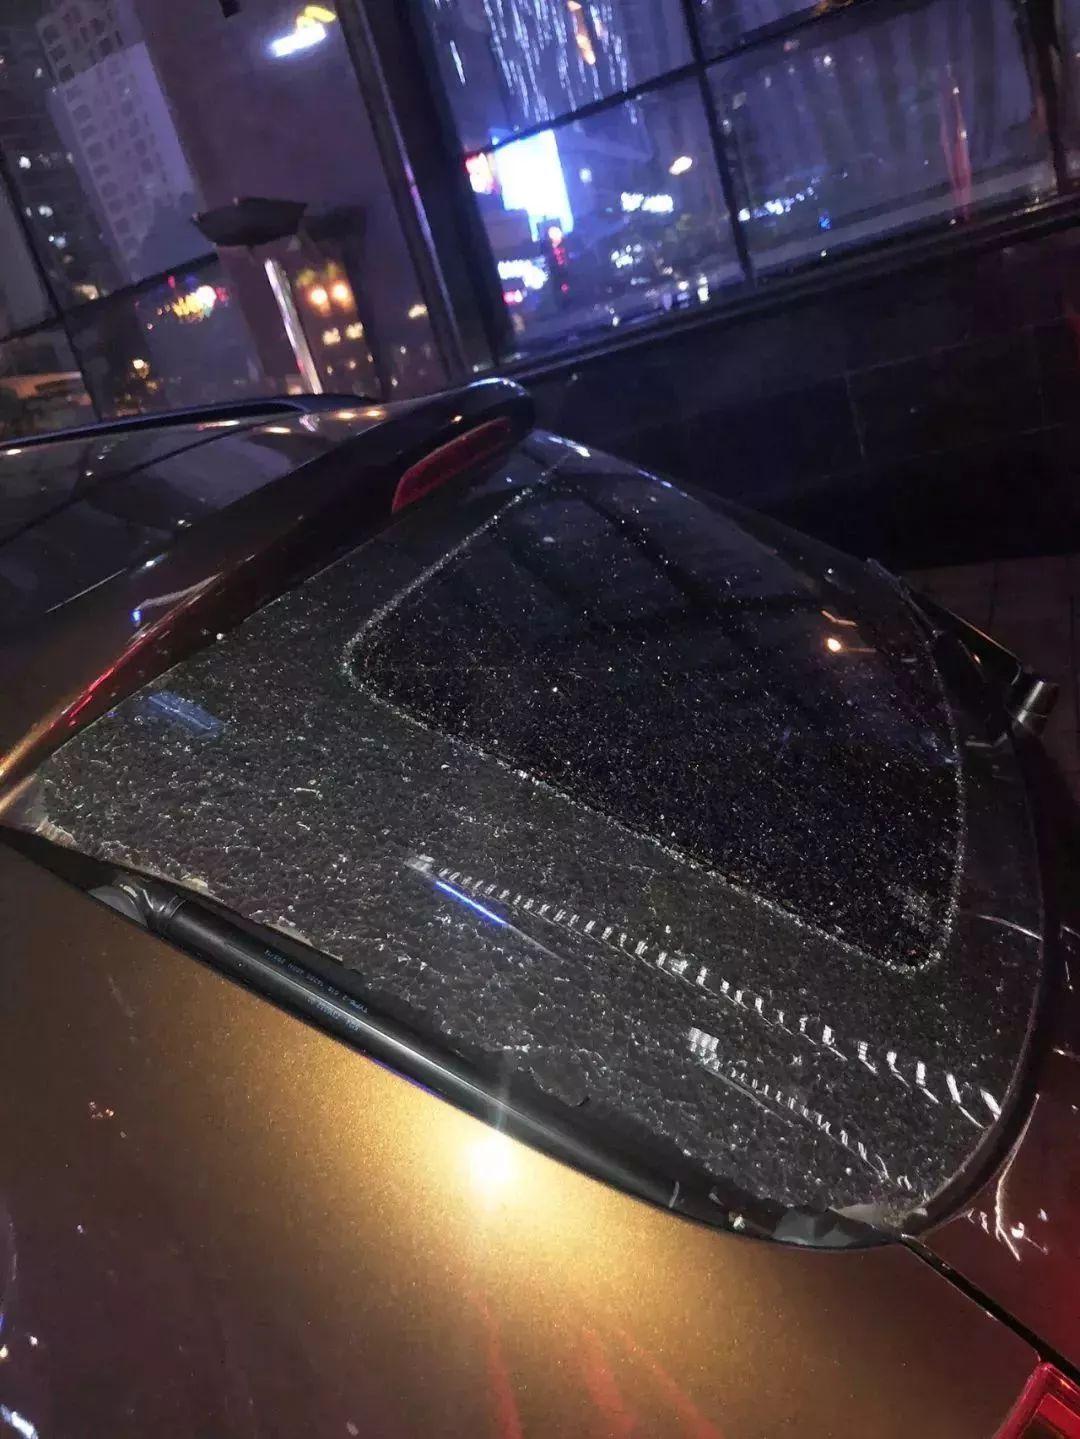 痛心!武汉一小区高层窗沿脱落,60岁男子被砸身亡!这些隐患不容忽视!